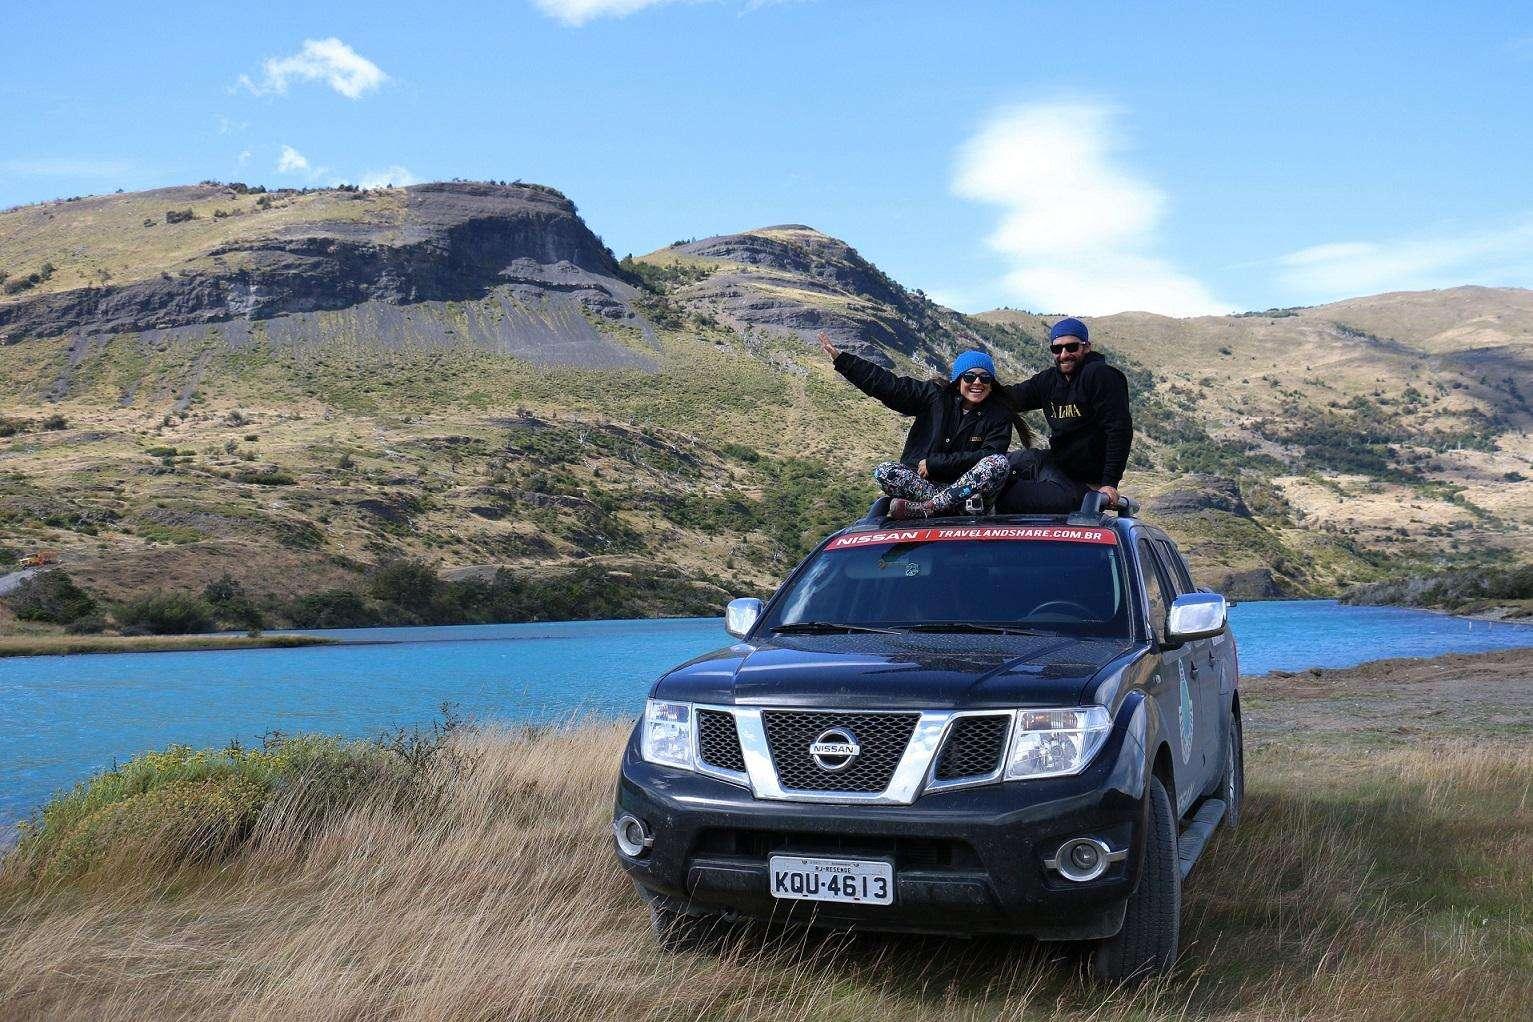 Nissan Frontier termina sua aventura pela América no Alasca